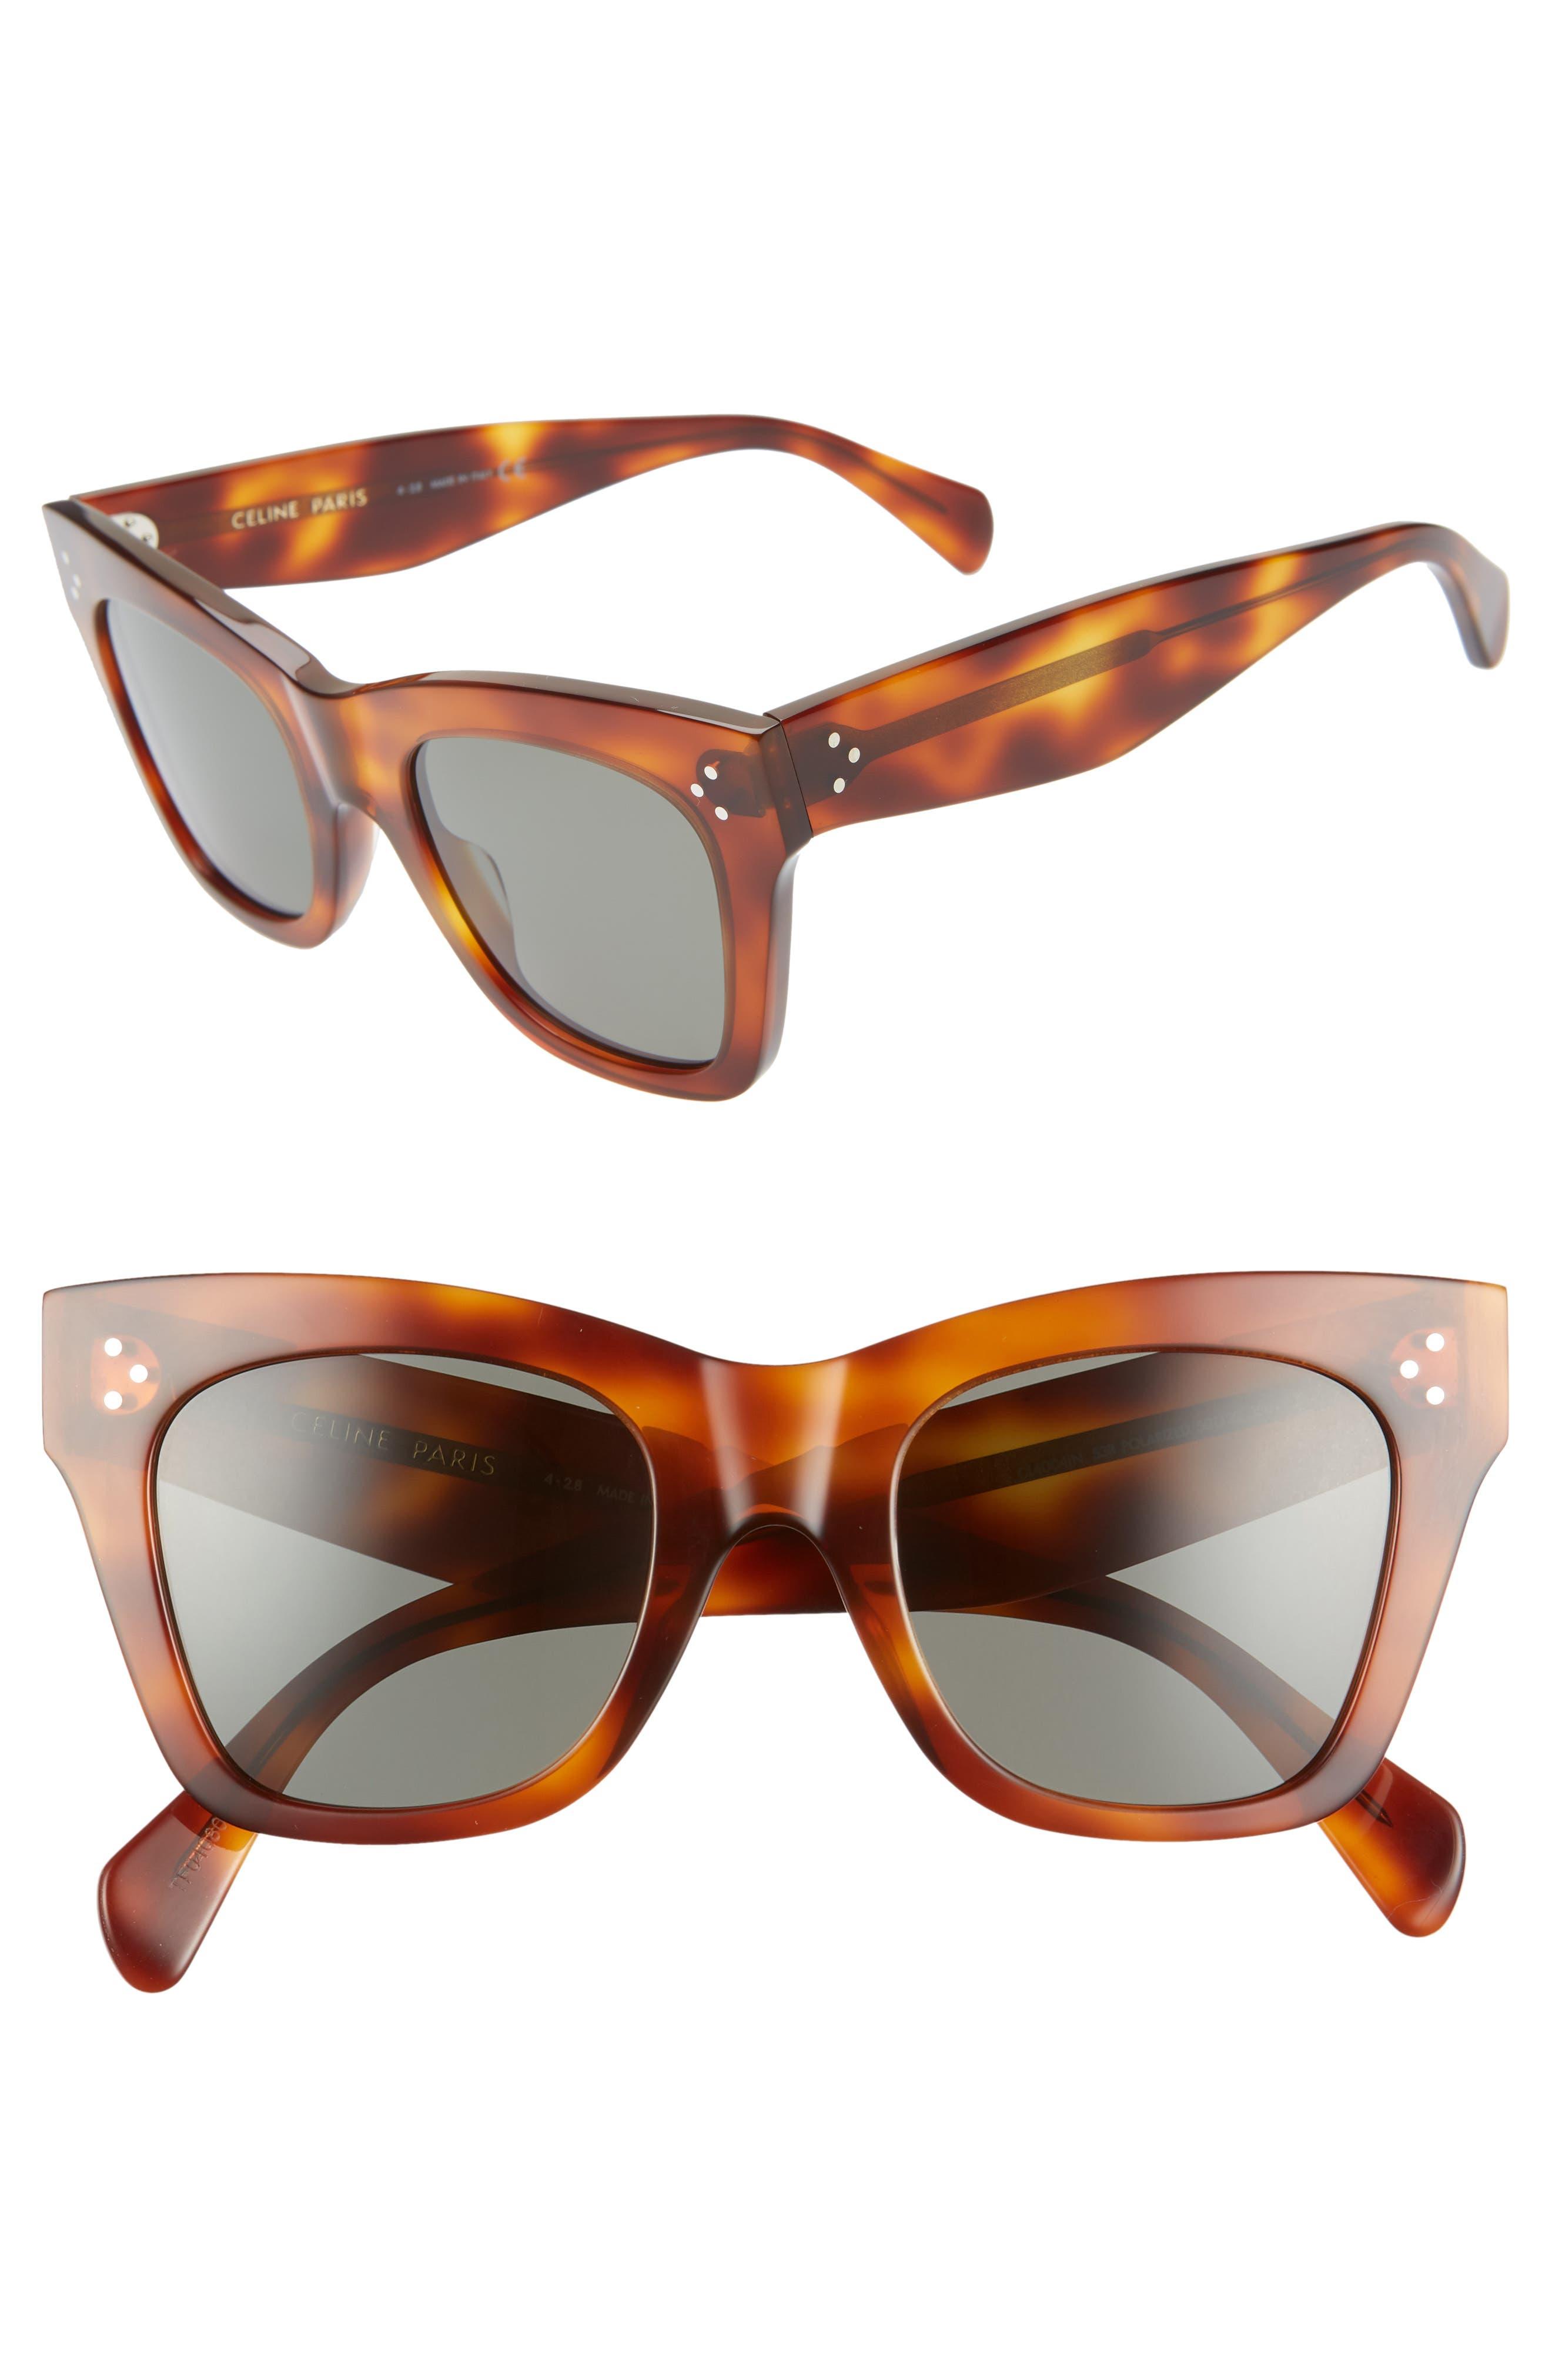 Celine Sunglasses Celine Sunglasses For WomenNordstrom For zMGqSpLUV